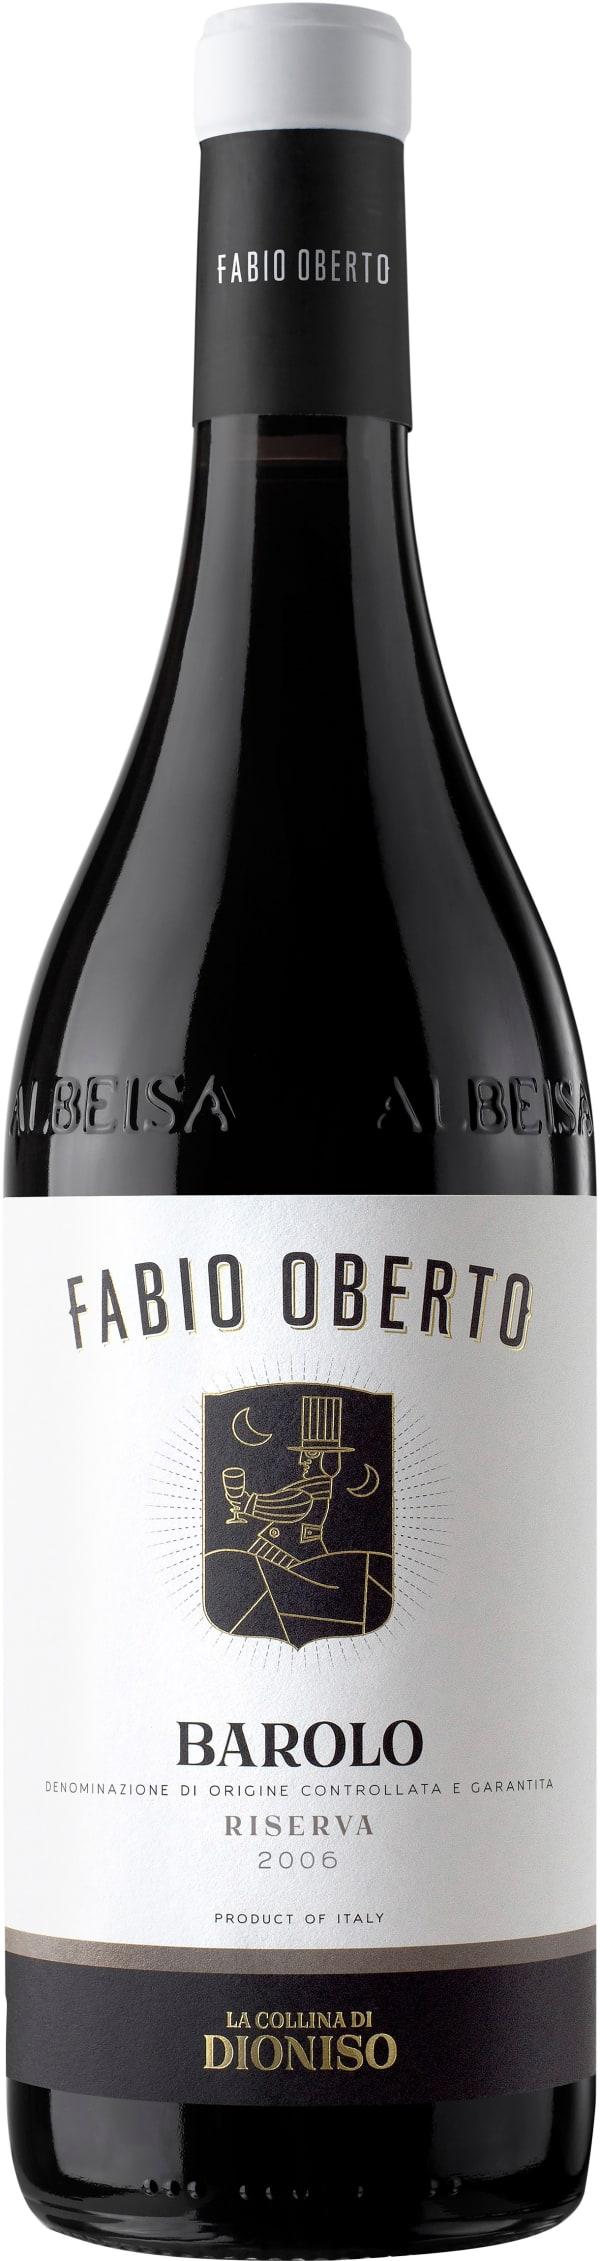 Fabio Oberto Barolo Riserva 2006